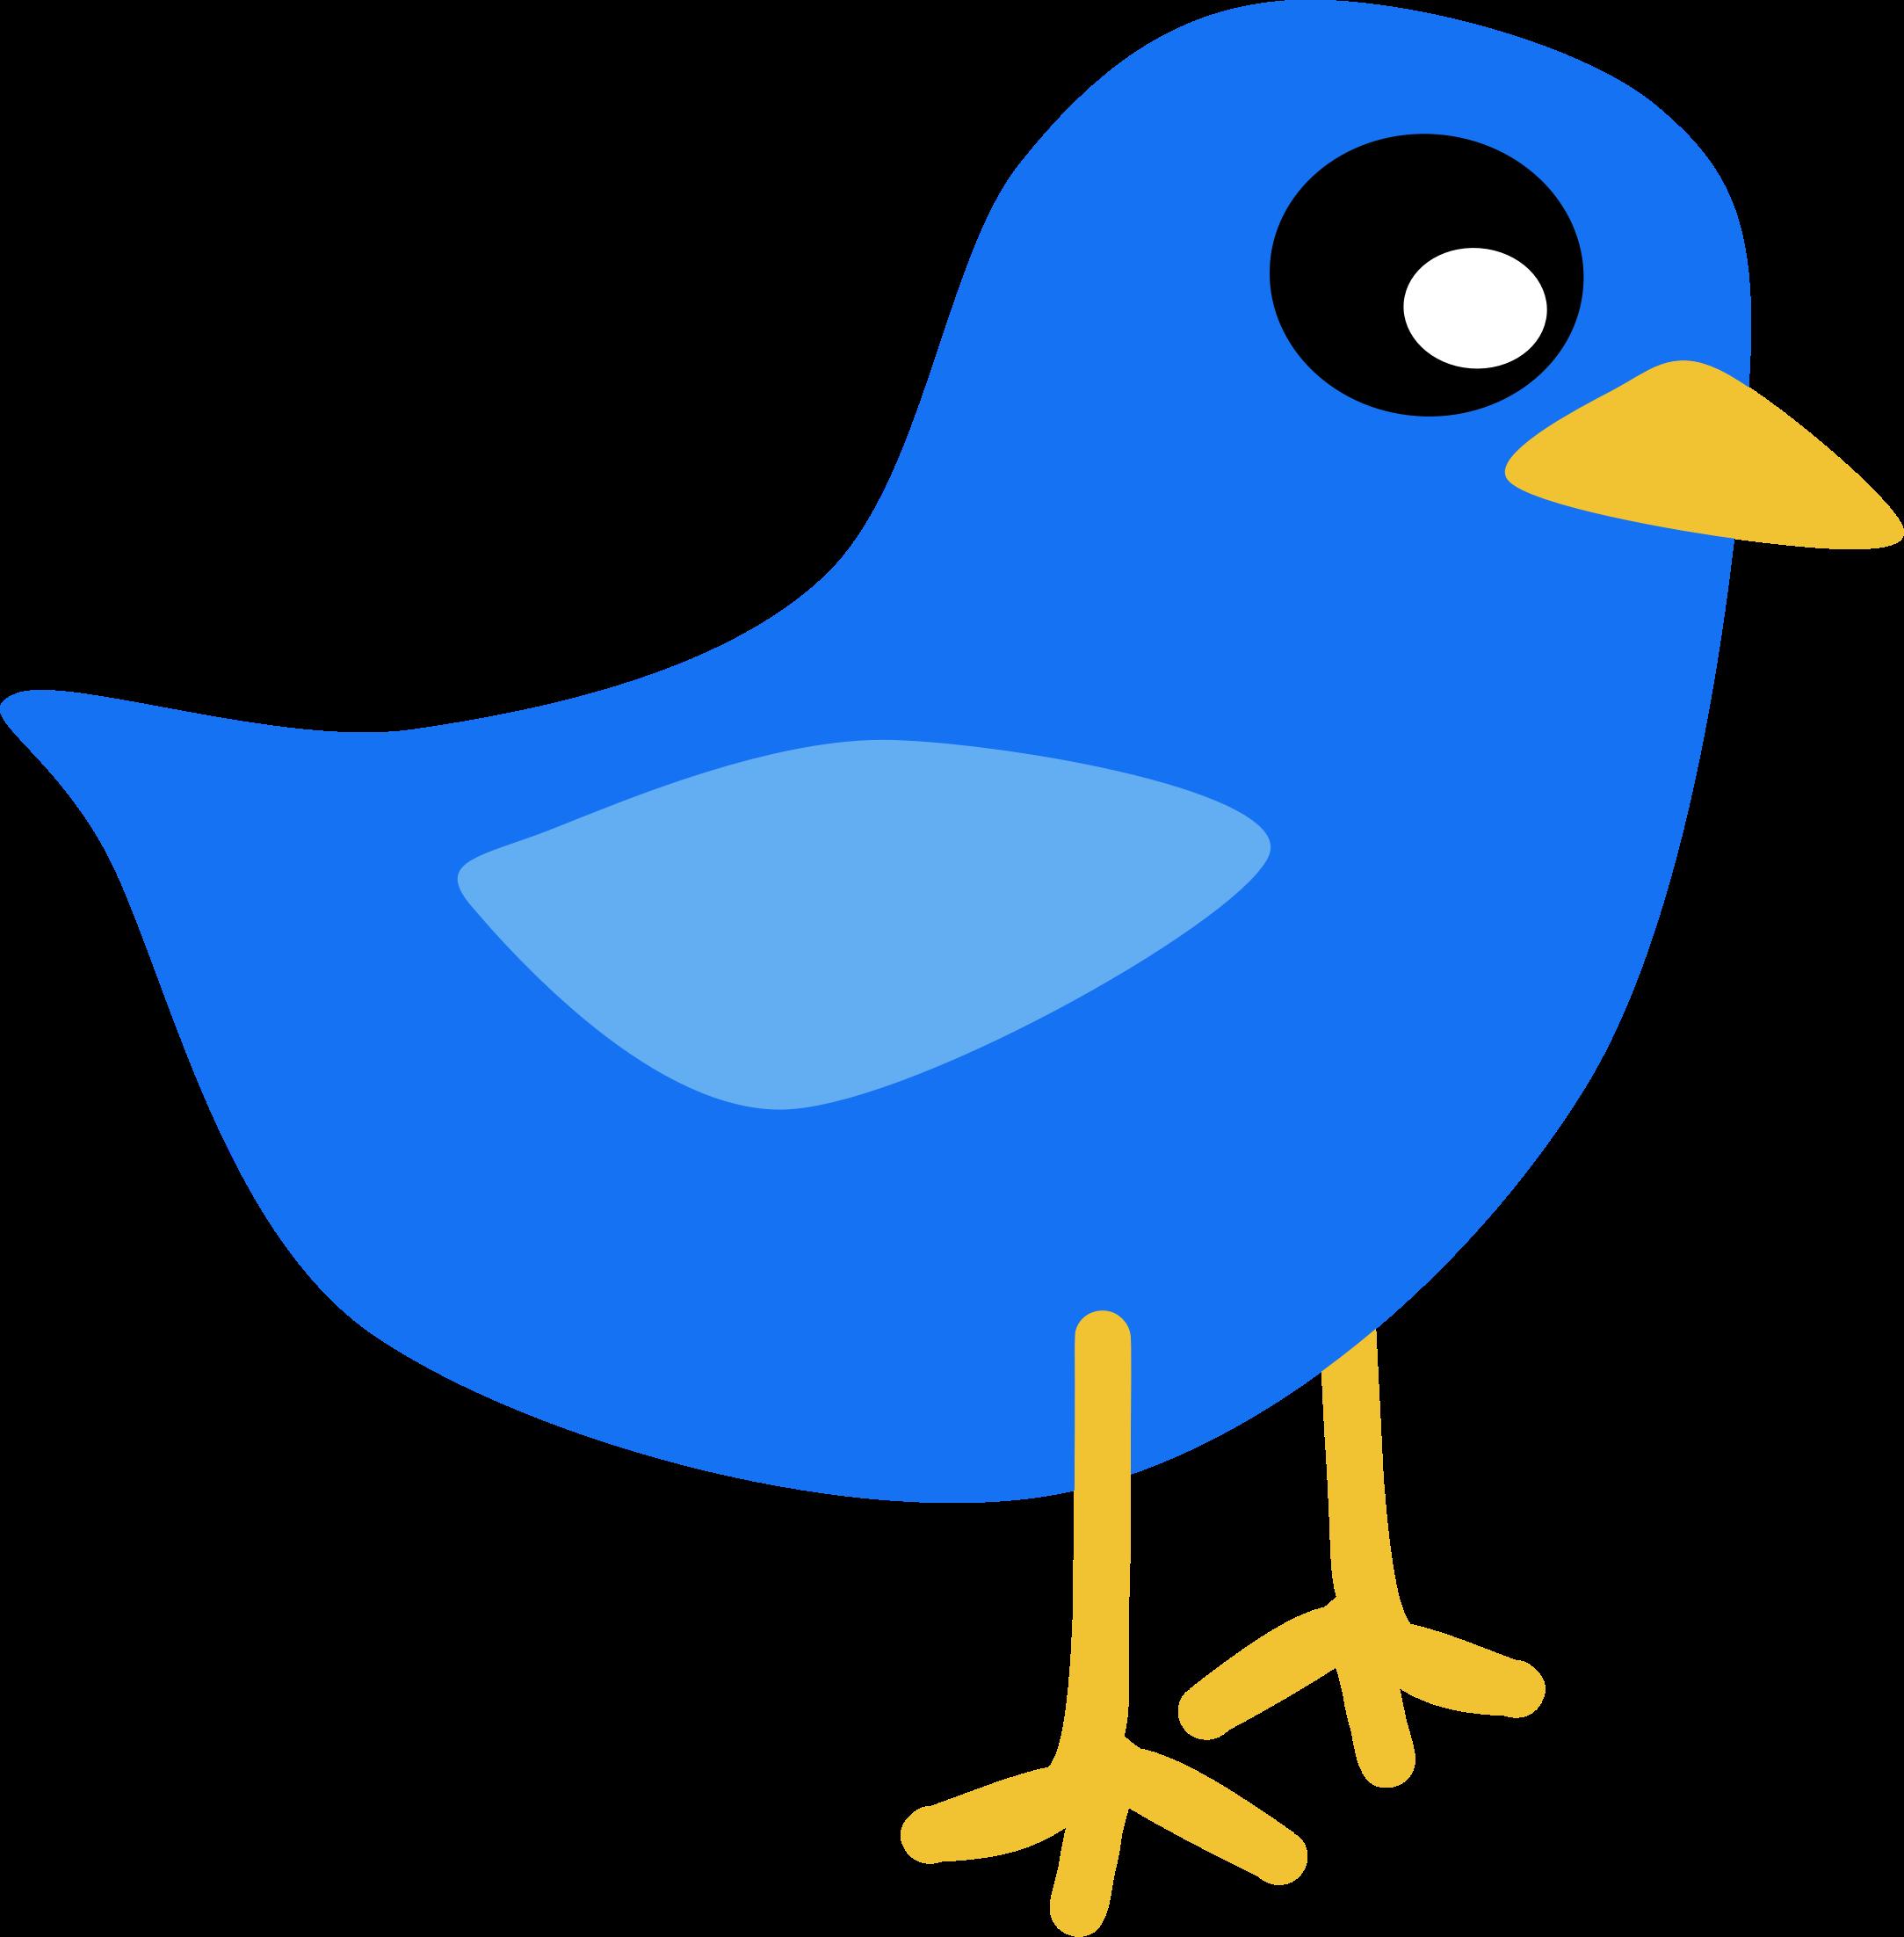 Bird clipart small bird Blue Bird Bird Clipart Blue